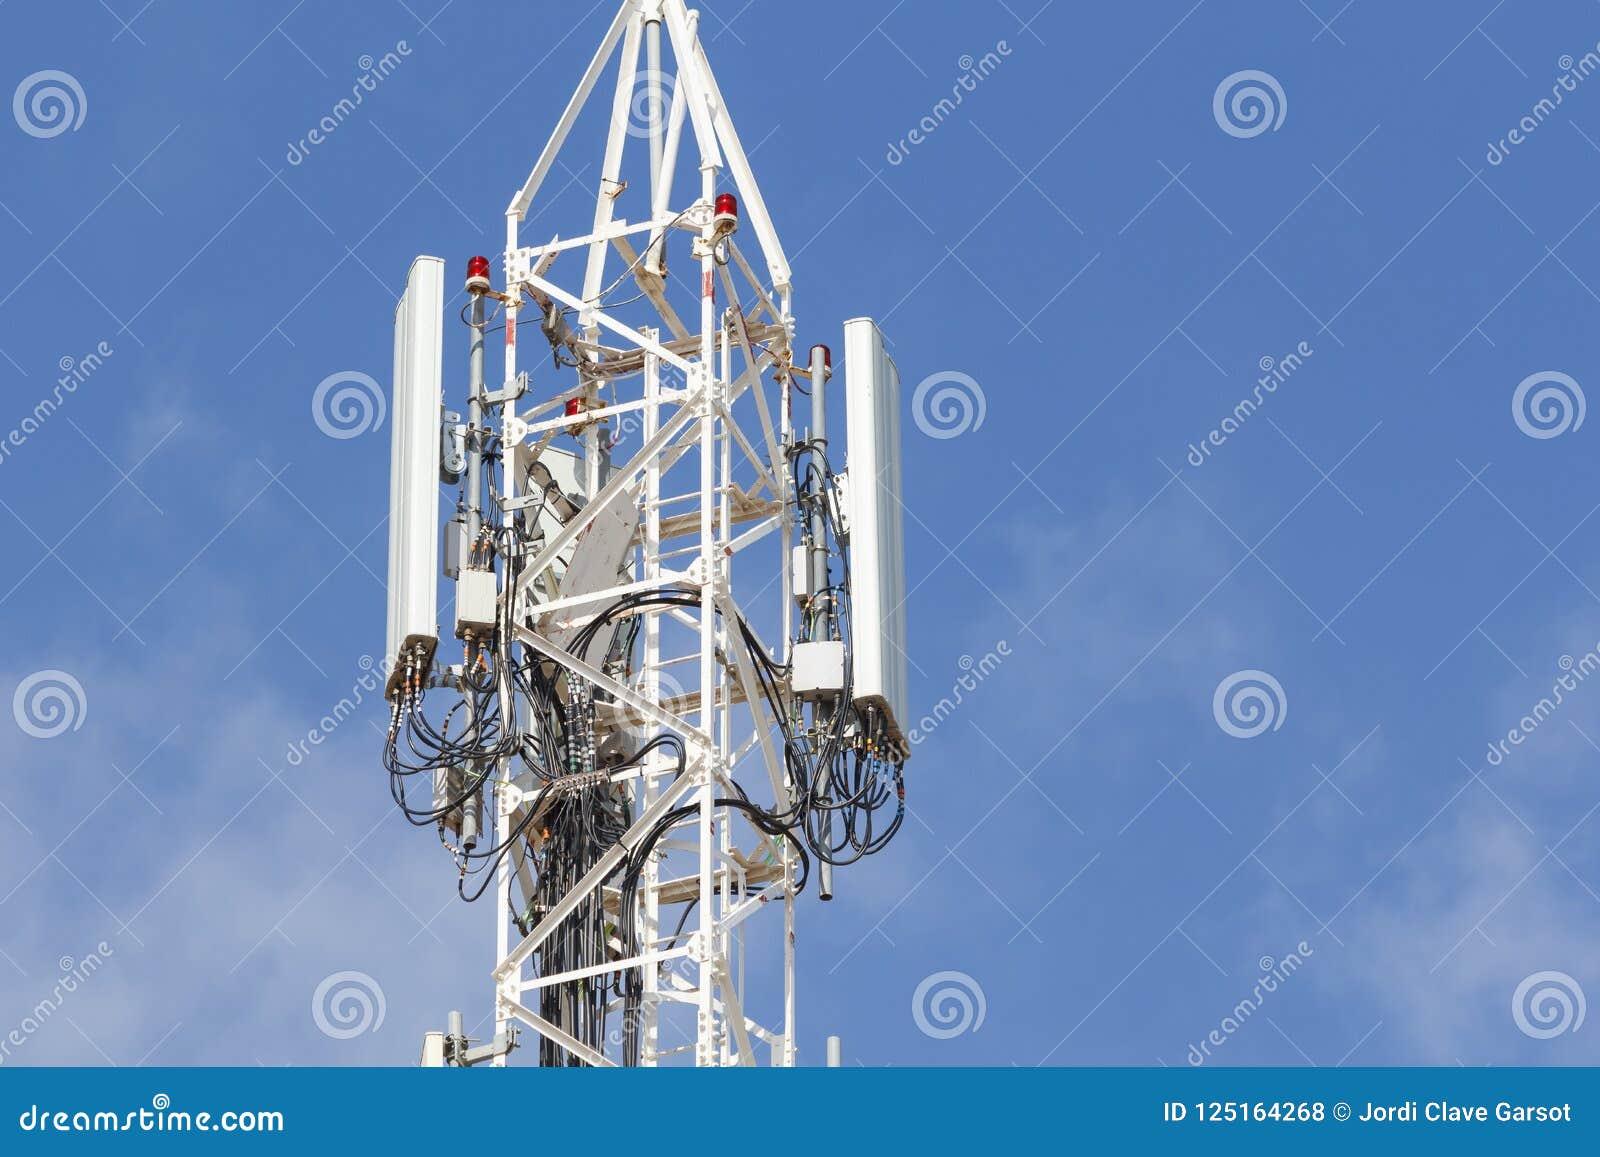 Telekommunikation und Mobilantennen